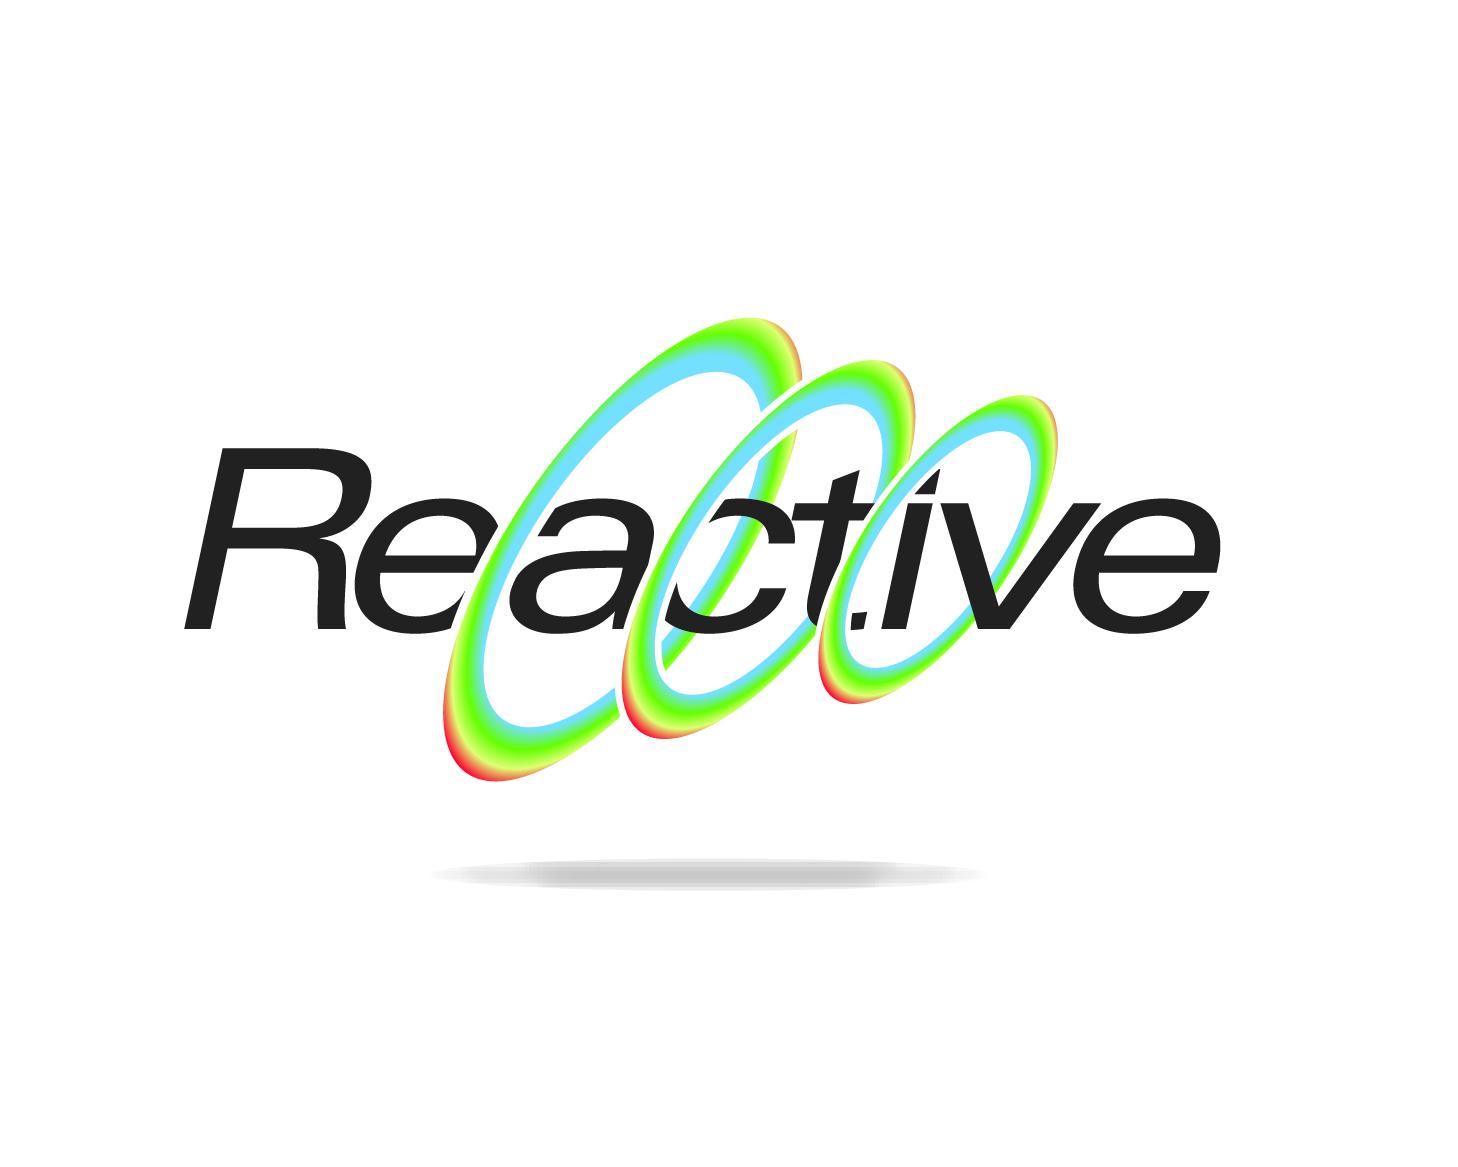 Reactive2-01.jpg